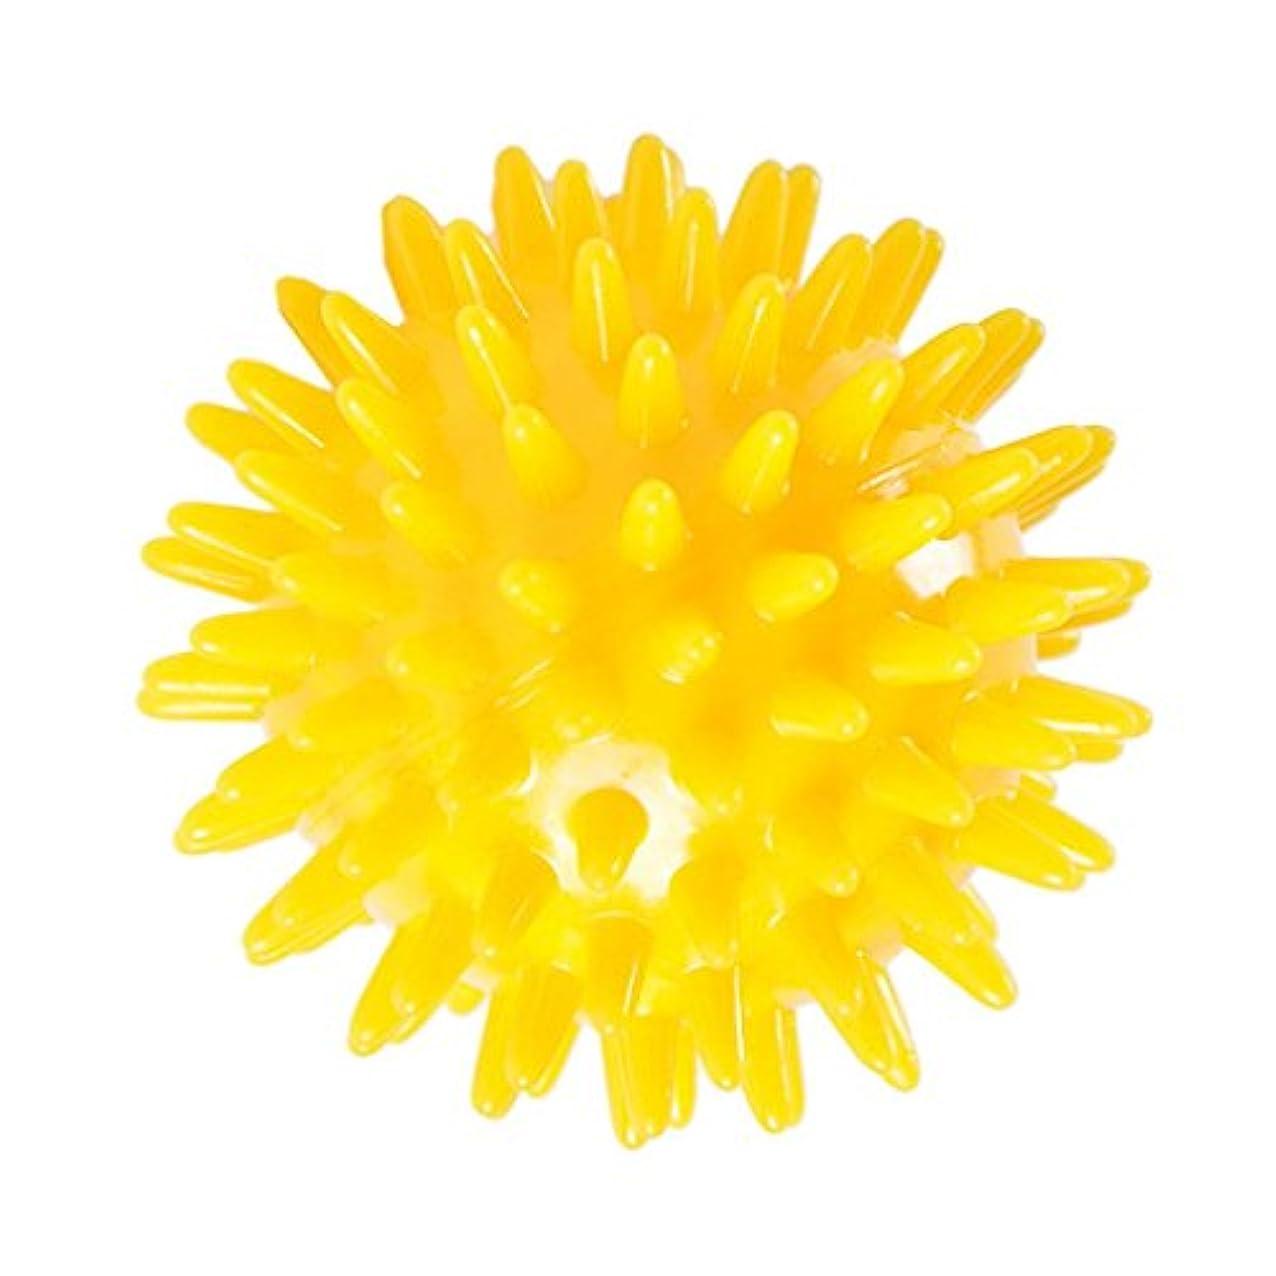 父方のフルーティー領収書マッサージボール スパイクマッサージボール トリガーポイントリリース ハンドエクササイズ ストレスリリーフ 3サイズ選べる - 黄, 6cm